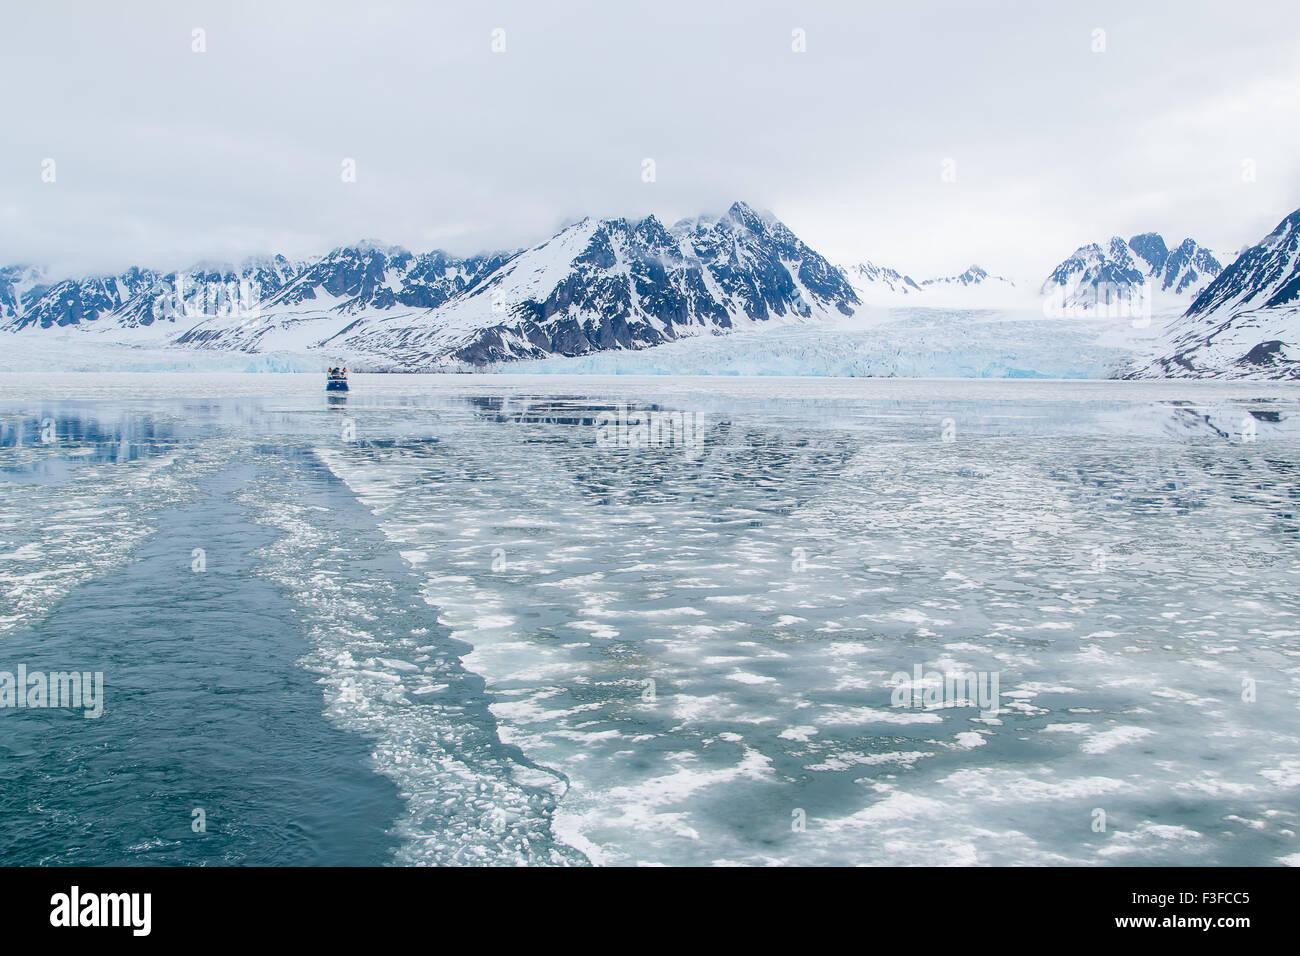 Boat in front of the Monacobreen glacier, Liefdefjorden, Spitsbergen, Norway Stock Photo